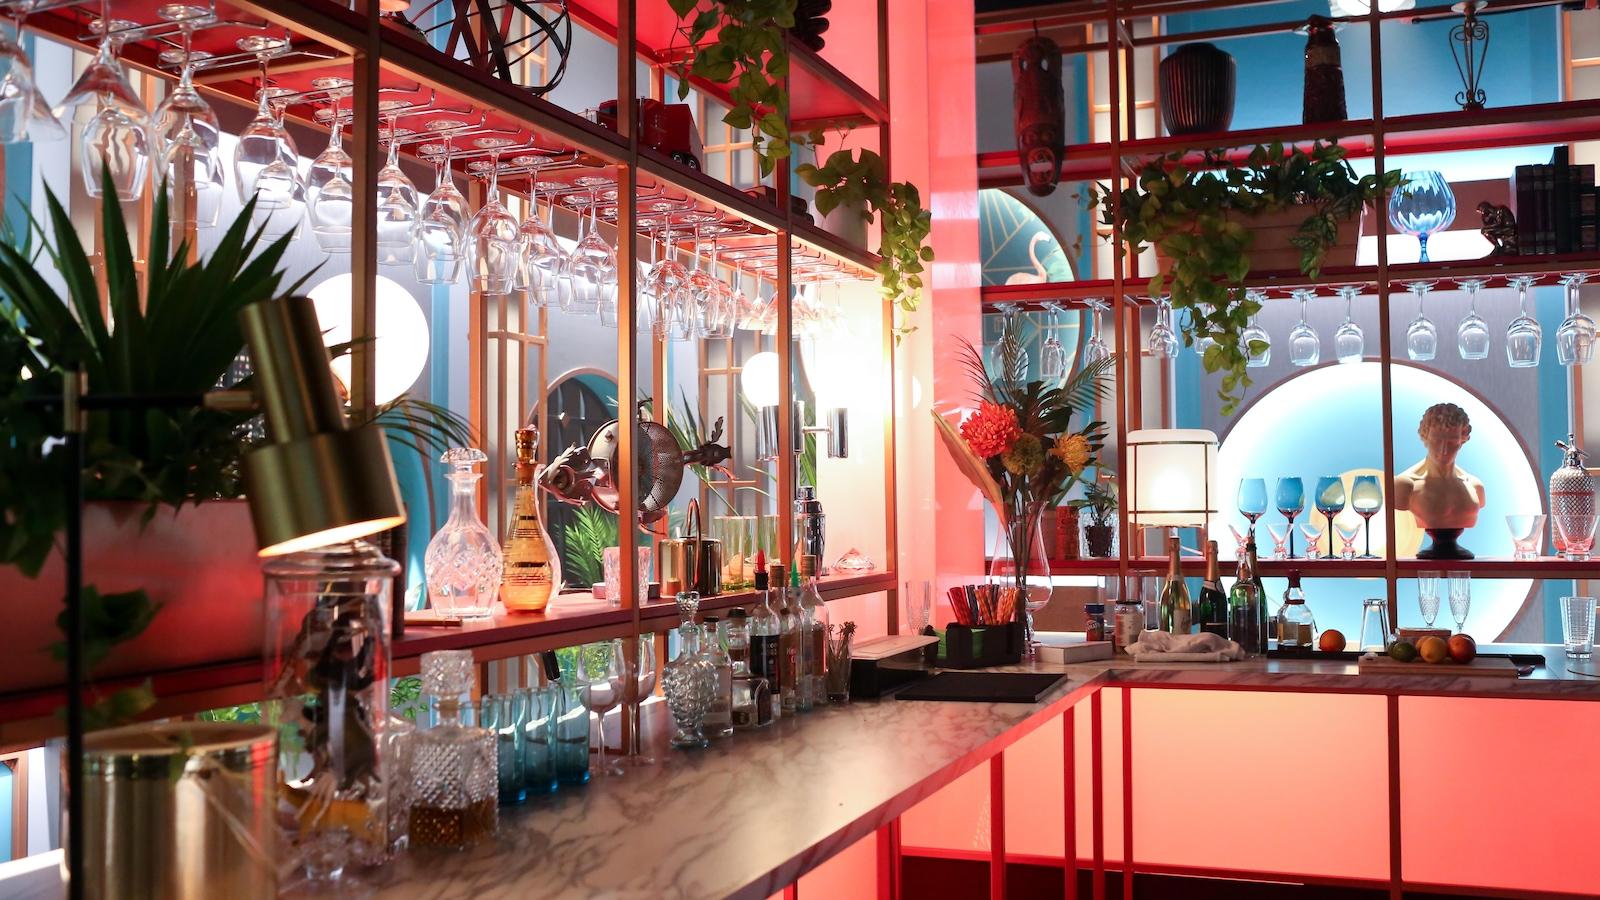 Le bar, avec ses verres et ses bouteilles, est lumineux et coloré.